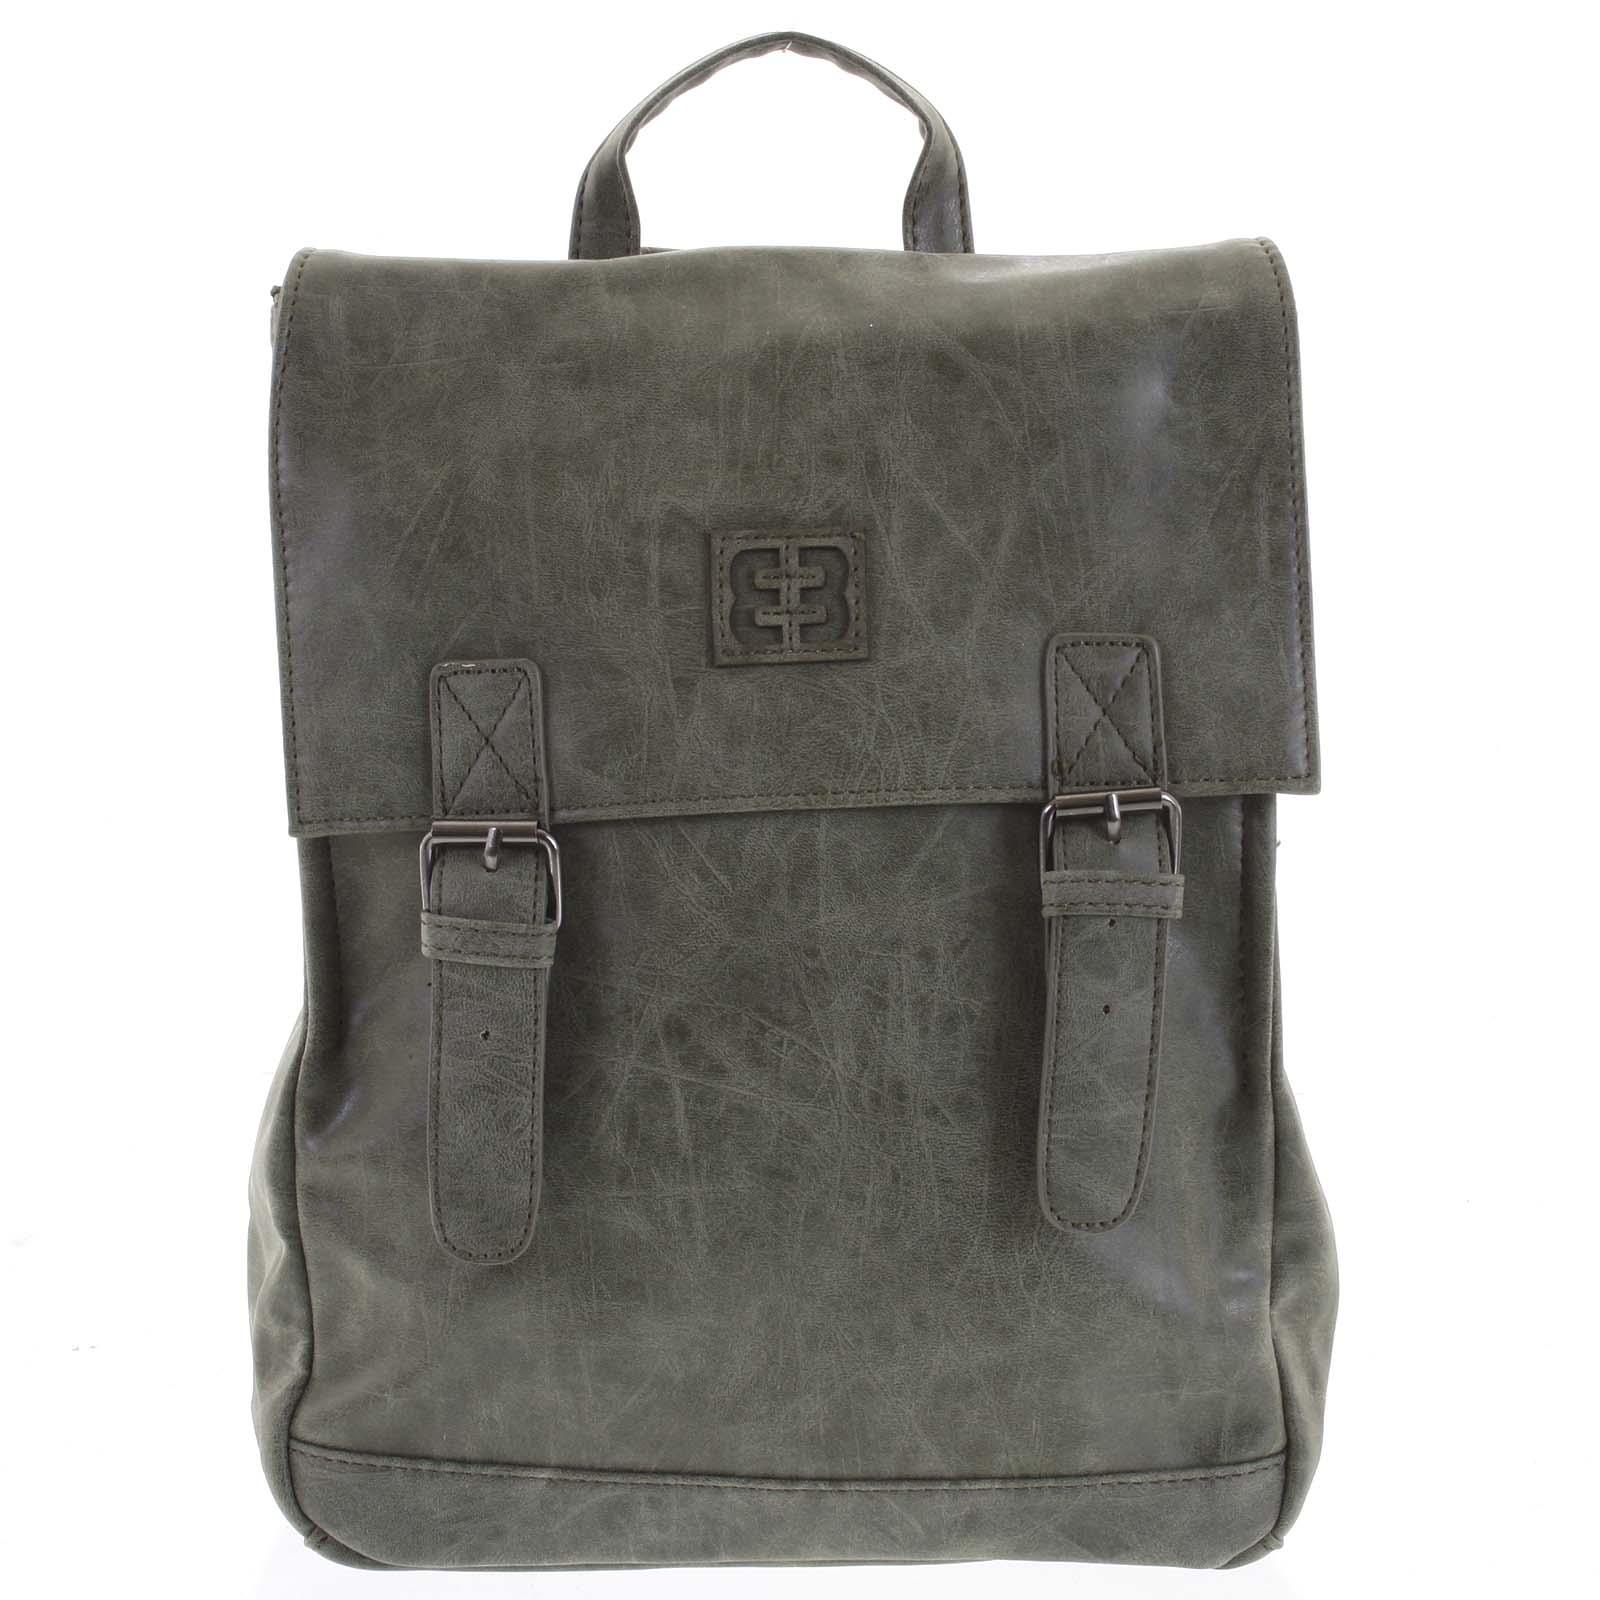 Módny štýlový stredný batoh olivovo zelený - Enrico Benetti Traverz